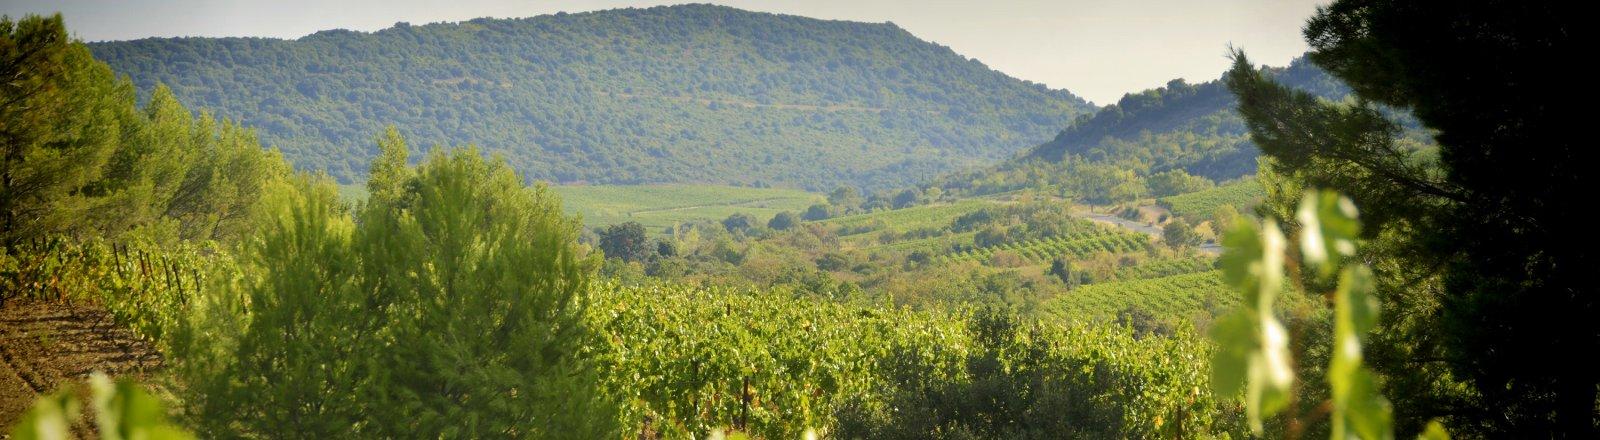 Paysage Vignoble de Cabrières © Olivier Diaz de Zarate